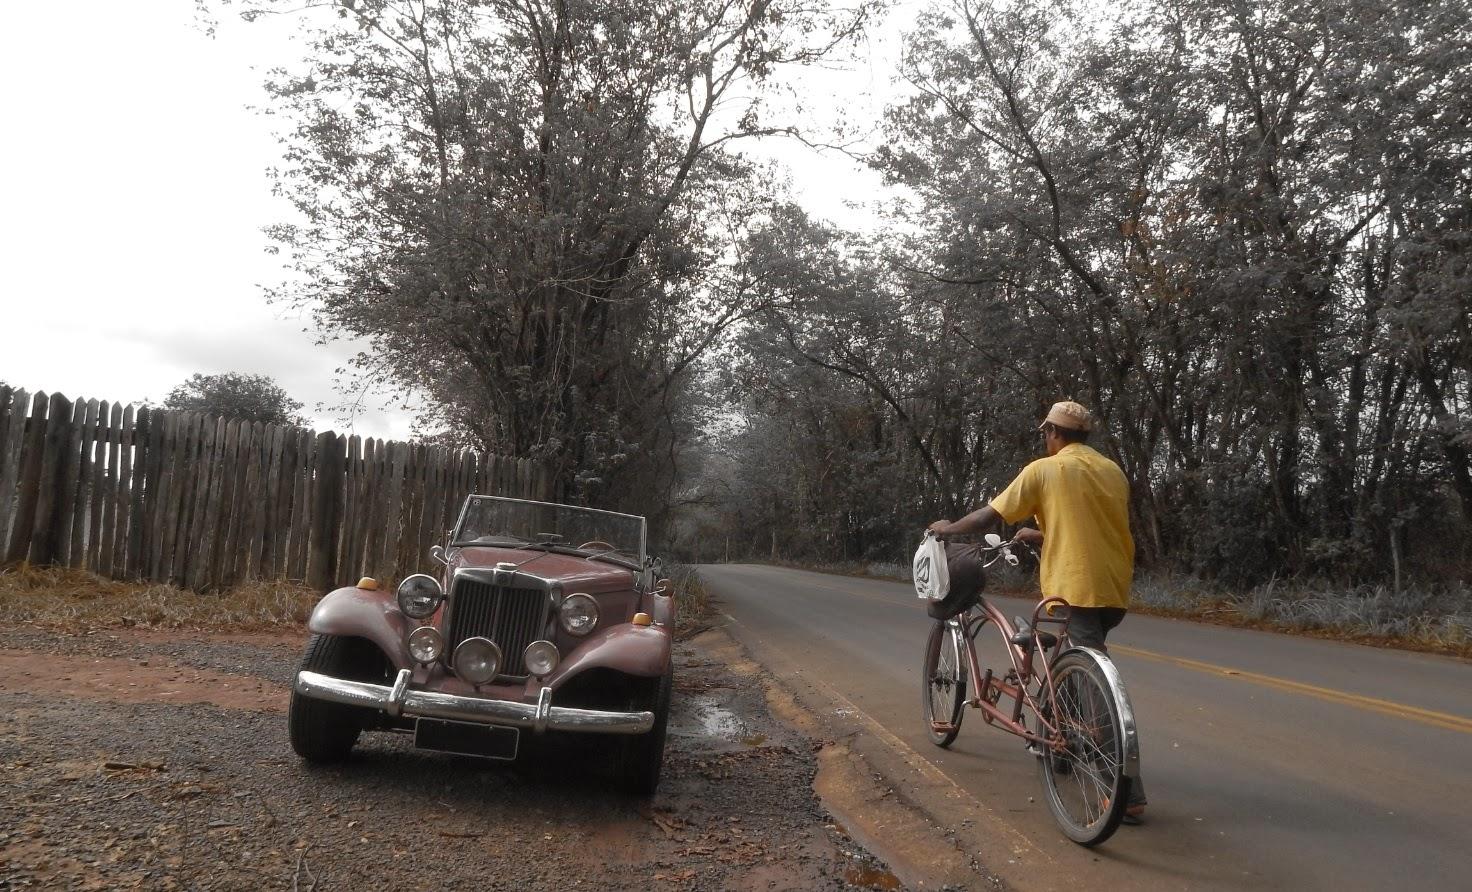 Estradas vicinais não contam com acostamentos. Por isso as porteiras dos sítios funcionam como respiros - um local seguro para estacionar. Mas o condutor da bicicleta customizada não tem alternativa para chegar em casa